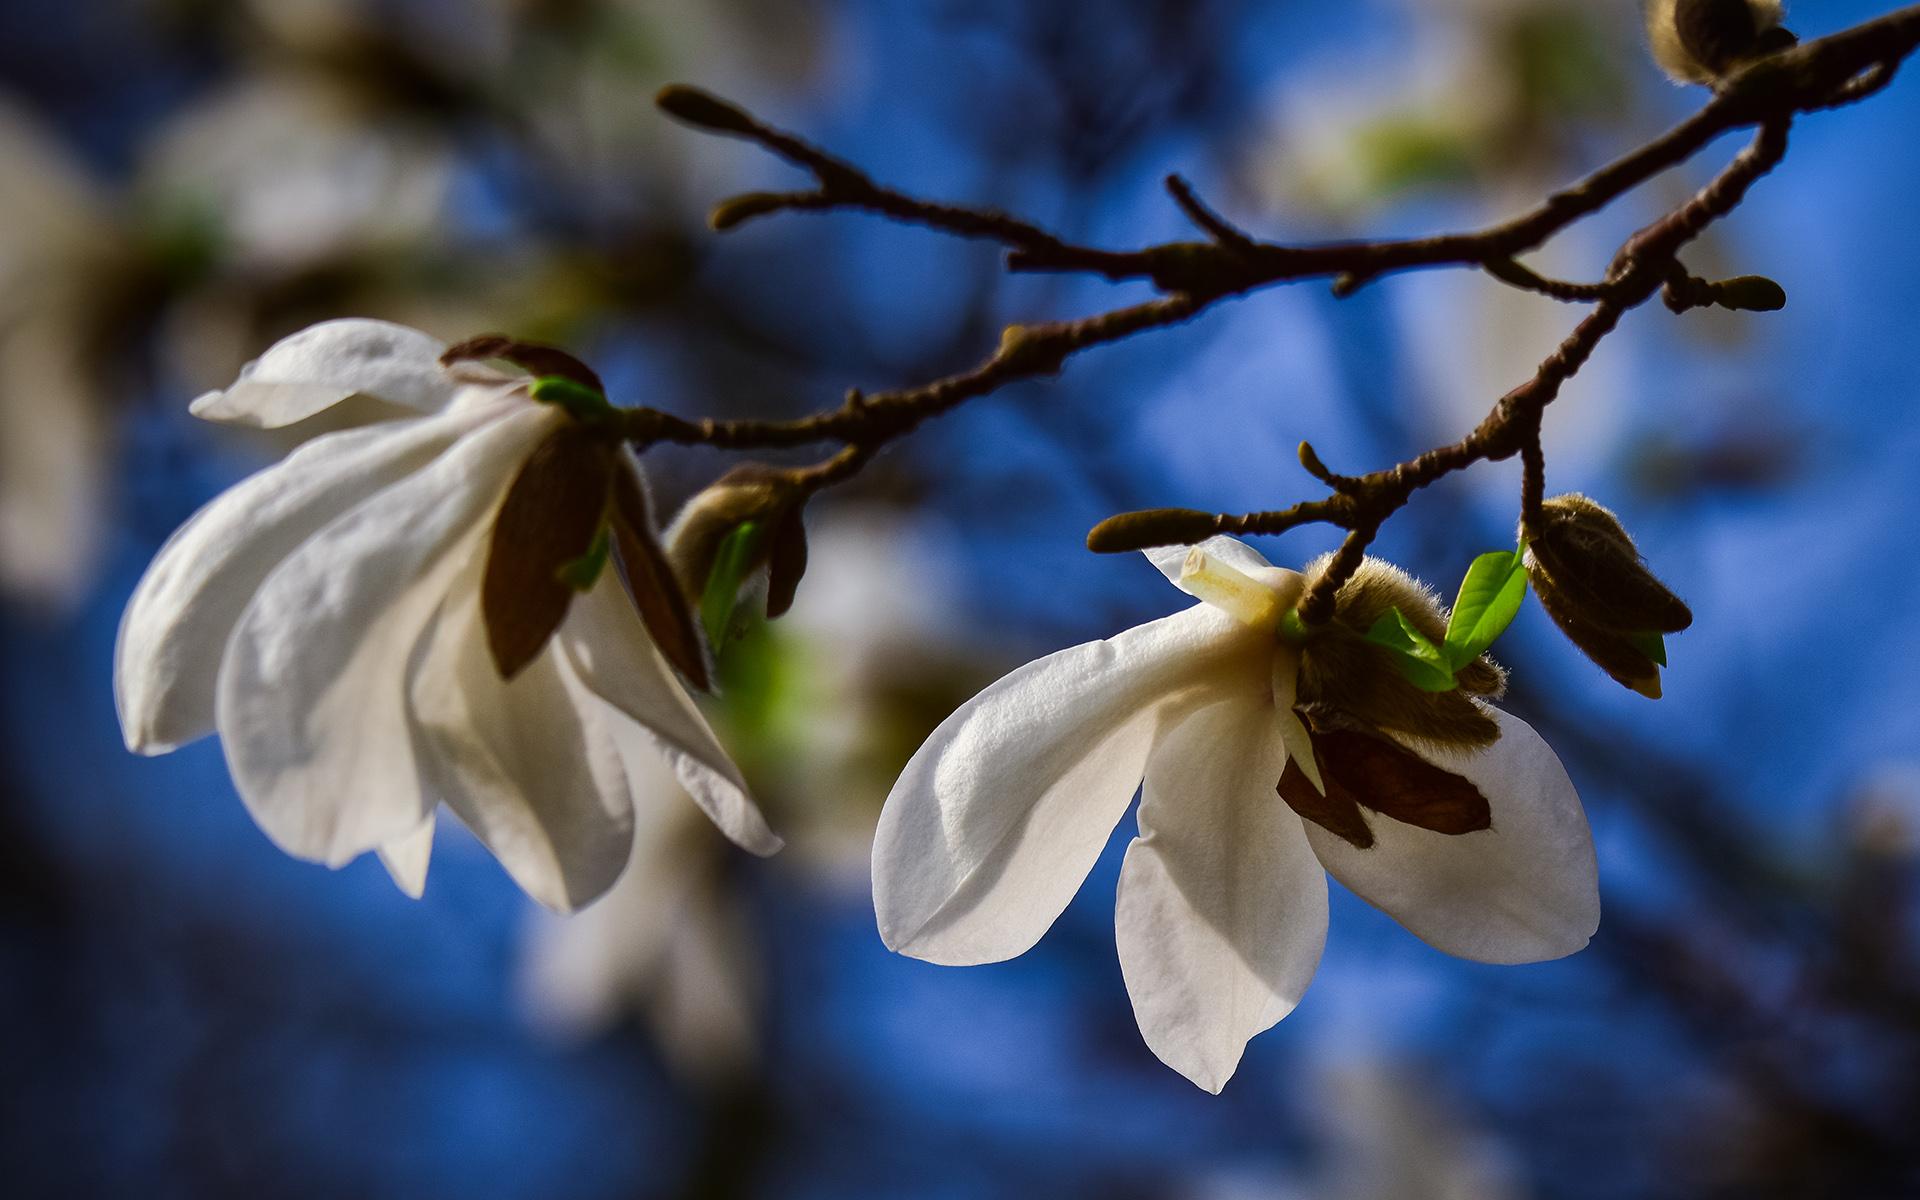 Magnolia_038